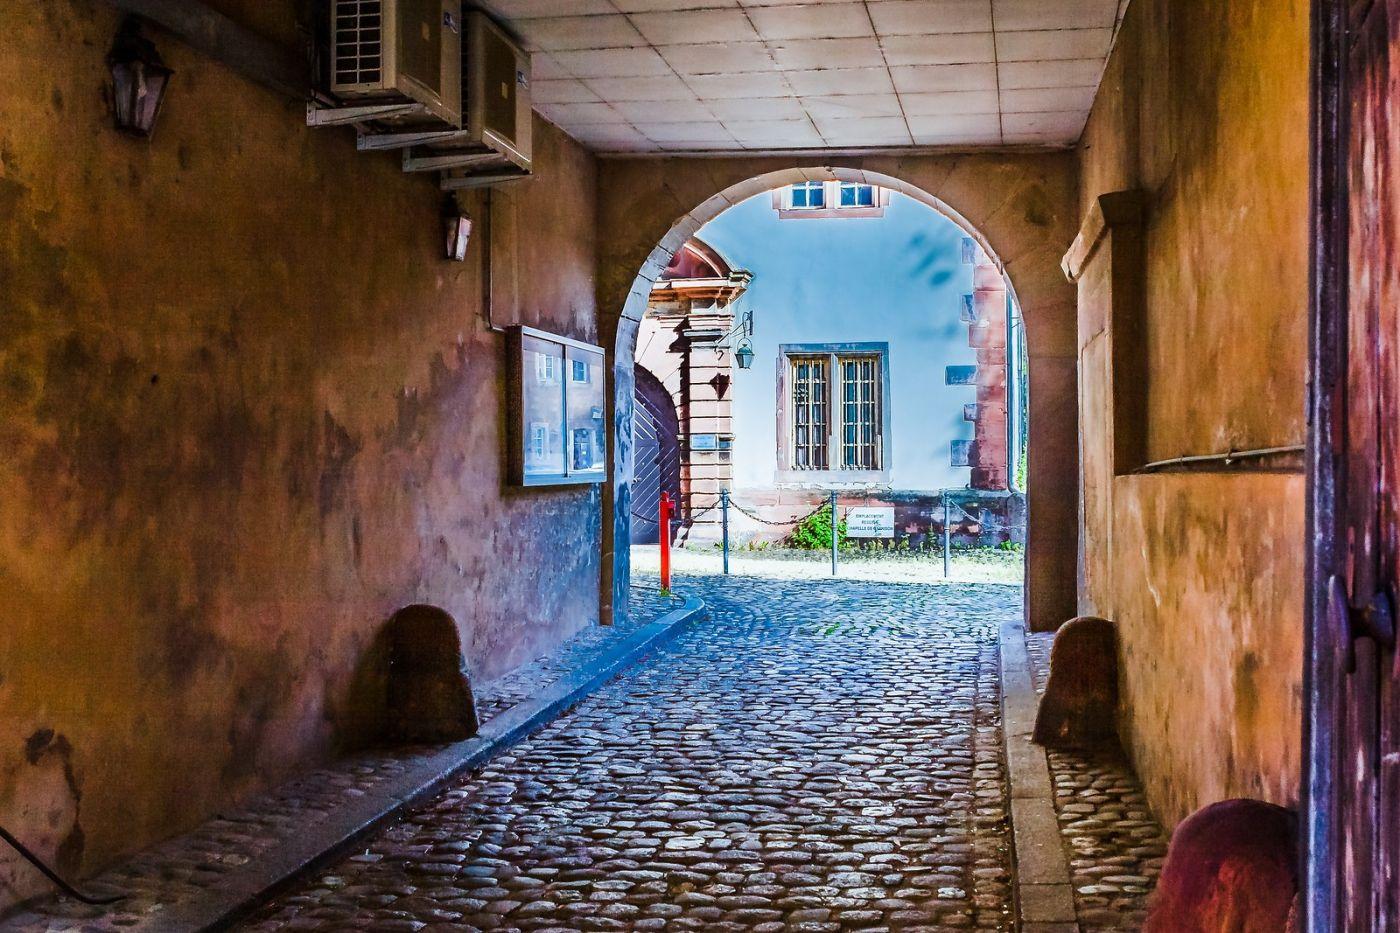 法国斯特拉斯堡(Strasbourg),边走边拍_图1-32